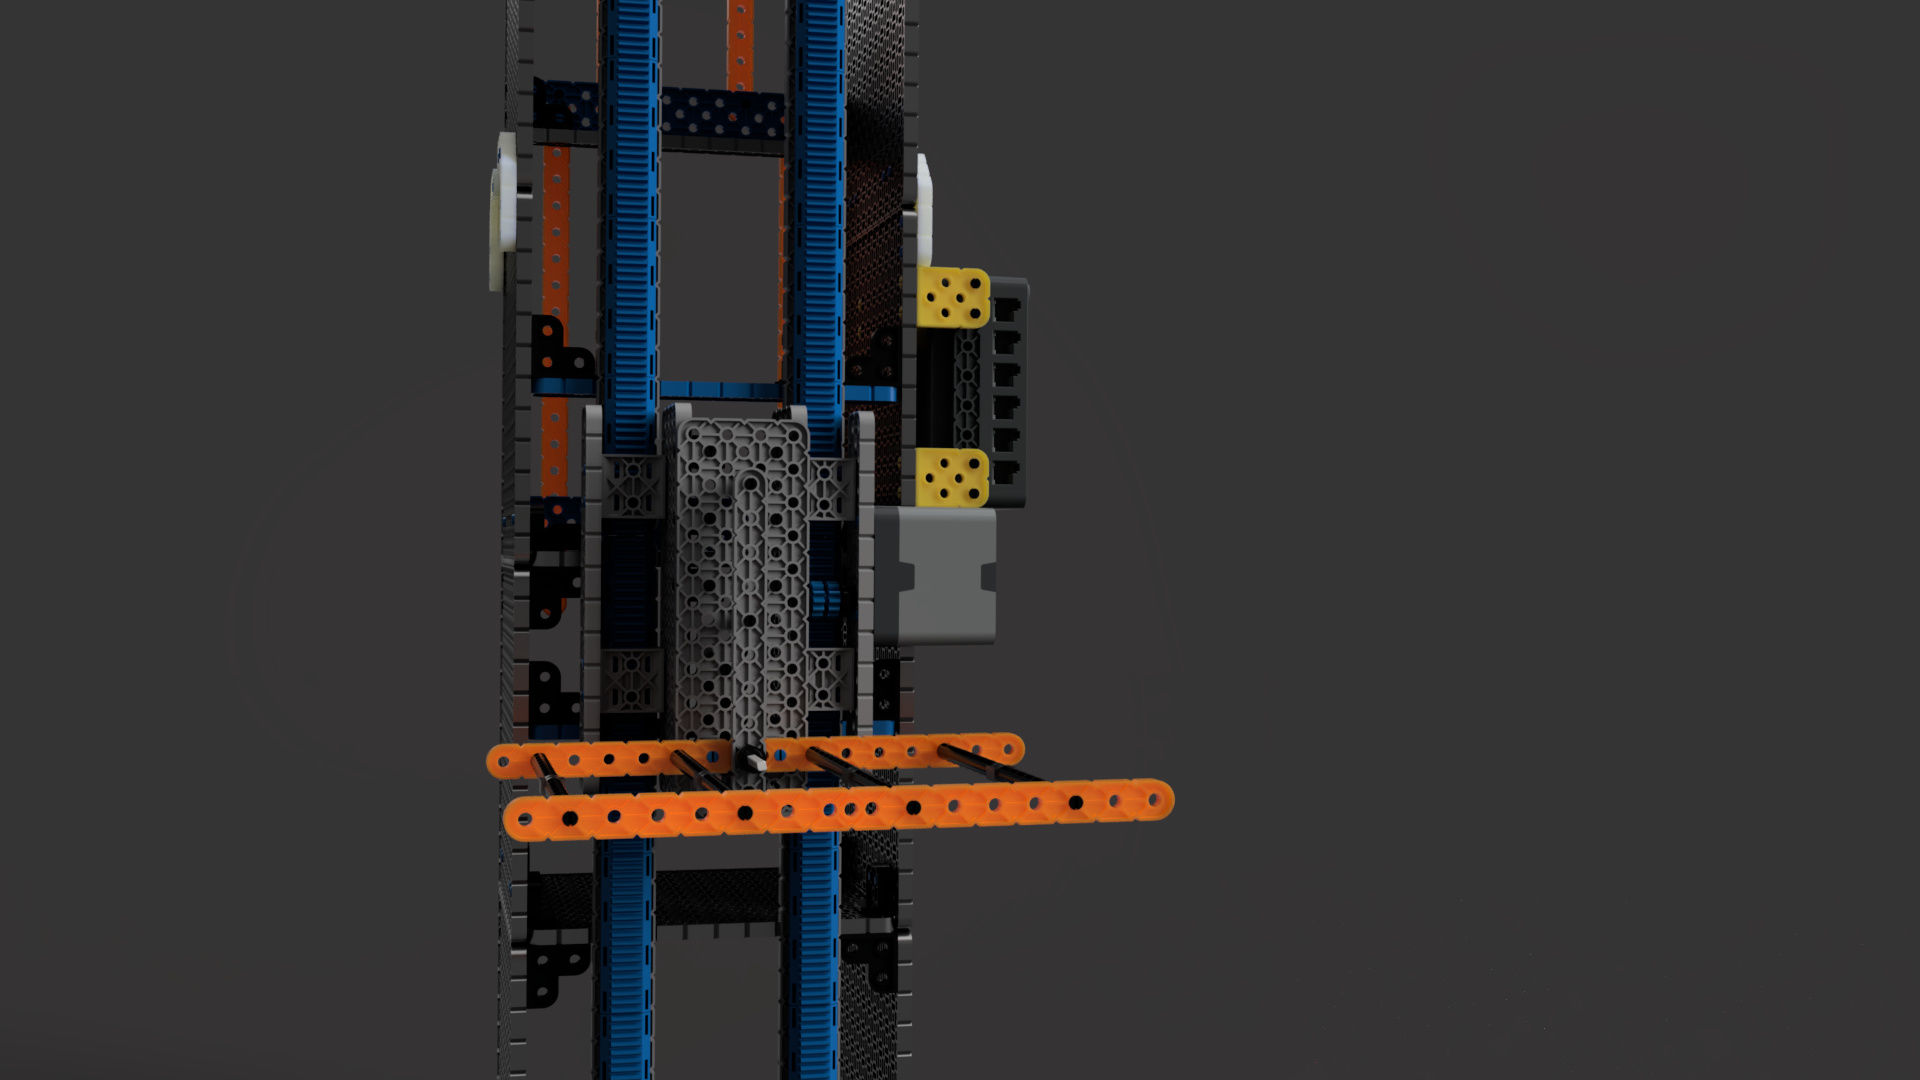 Elevador---desafio-de-robotica-2019-2019-nov-28-03-50-03pm-000-customizedview14665205699-jpg-3500-3500